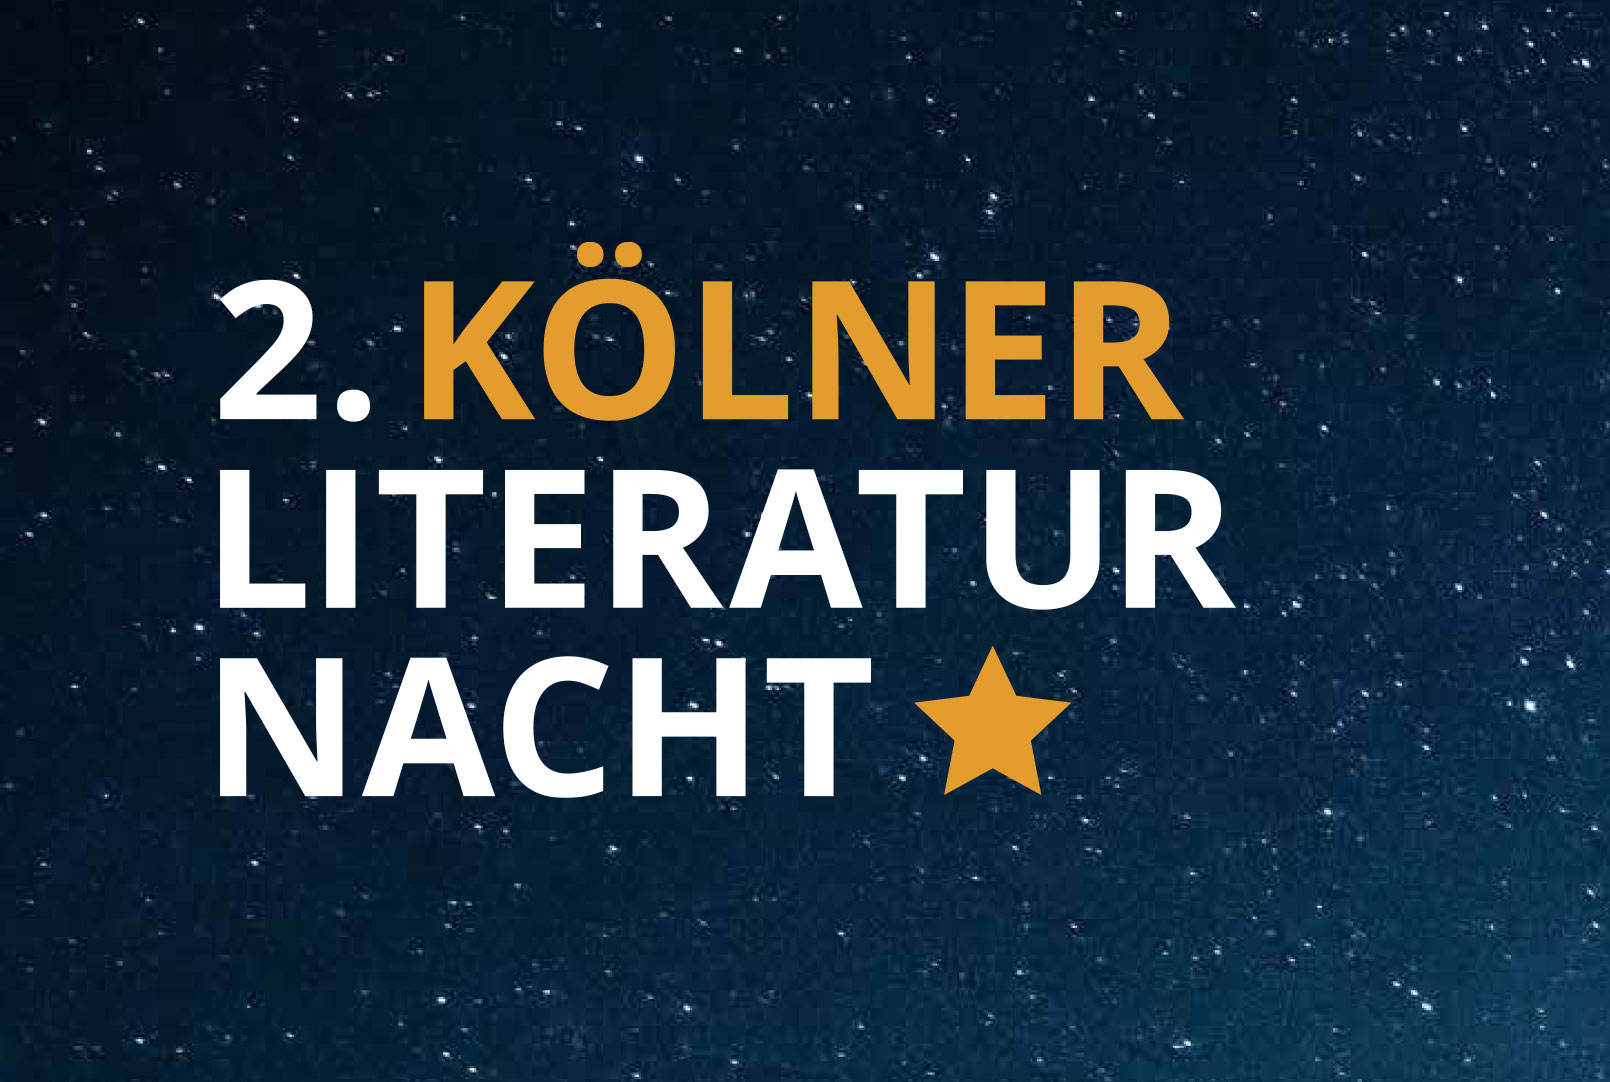 2. Kölner Literaturnacht